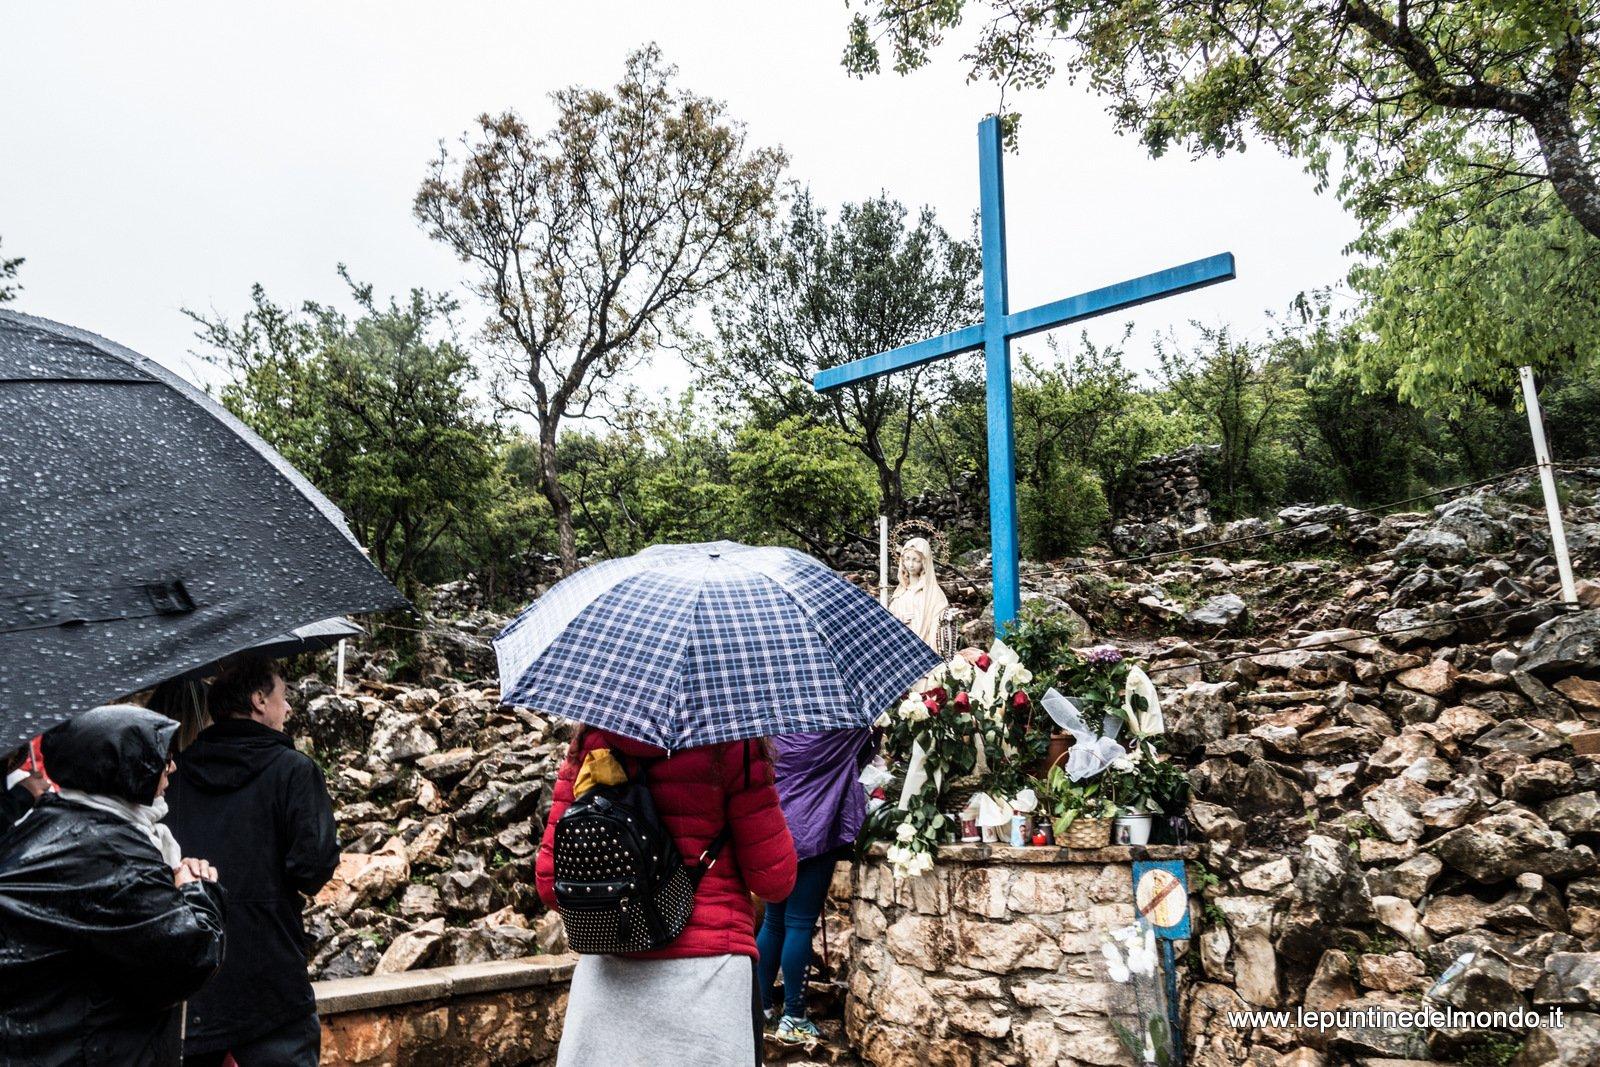 medjugorje medjugoria apparizioni madonna santuario collina della apparizioni bosnia ed erzregovina